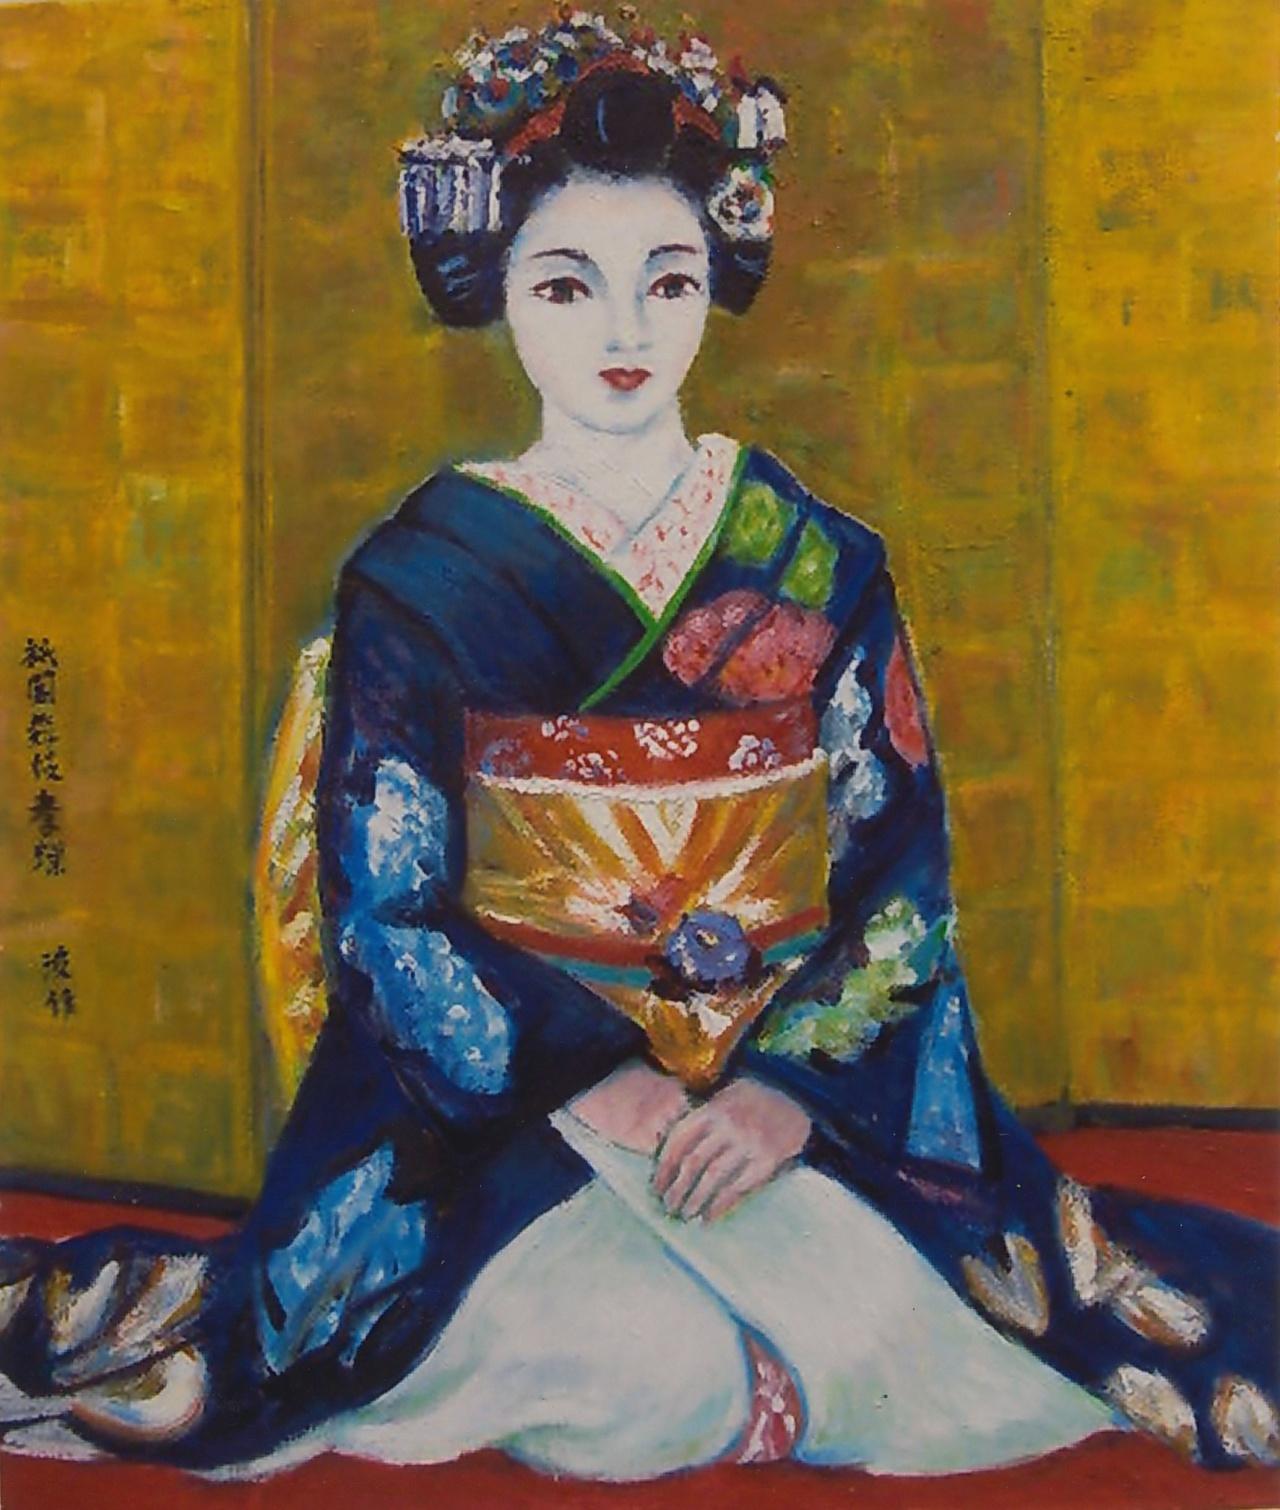 ギャラリー gallery祇園舞妓 孝蝶伊藤波の作品他の作品を見る